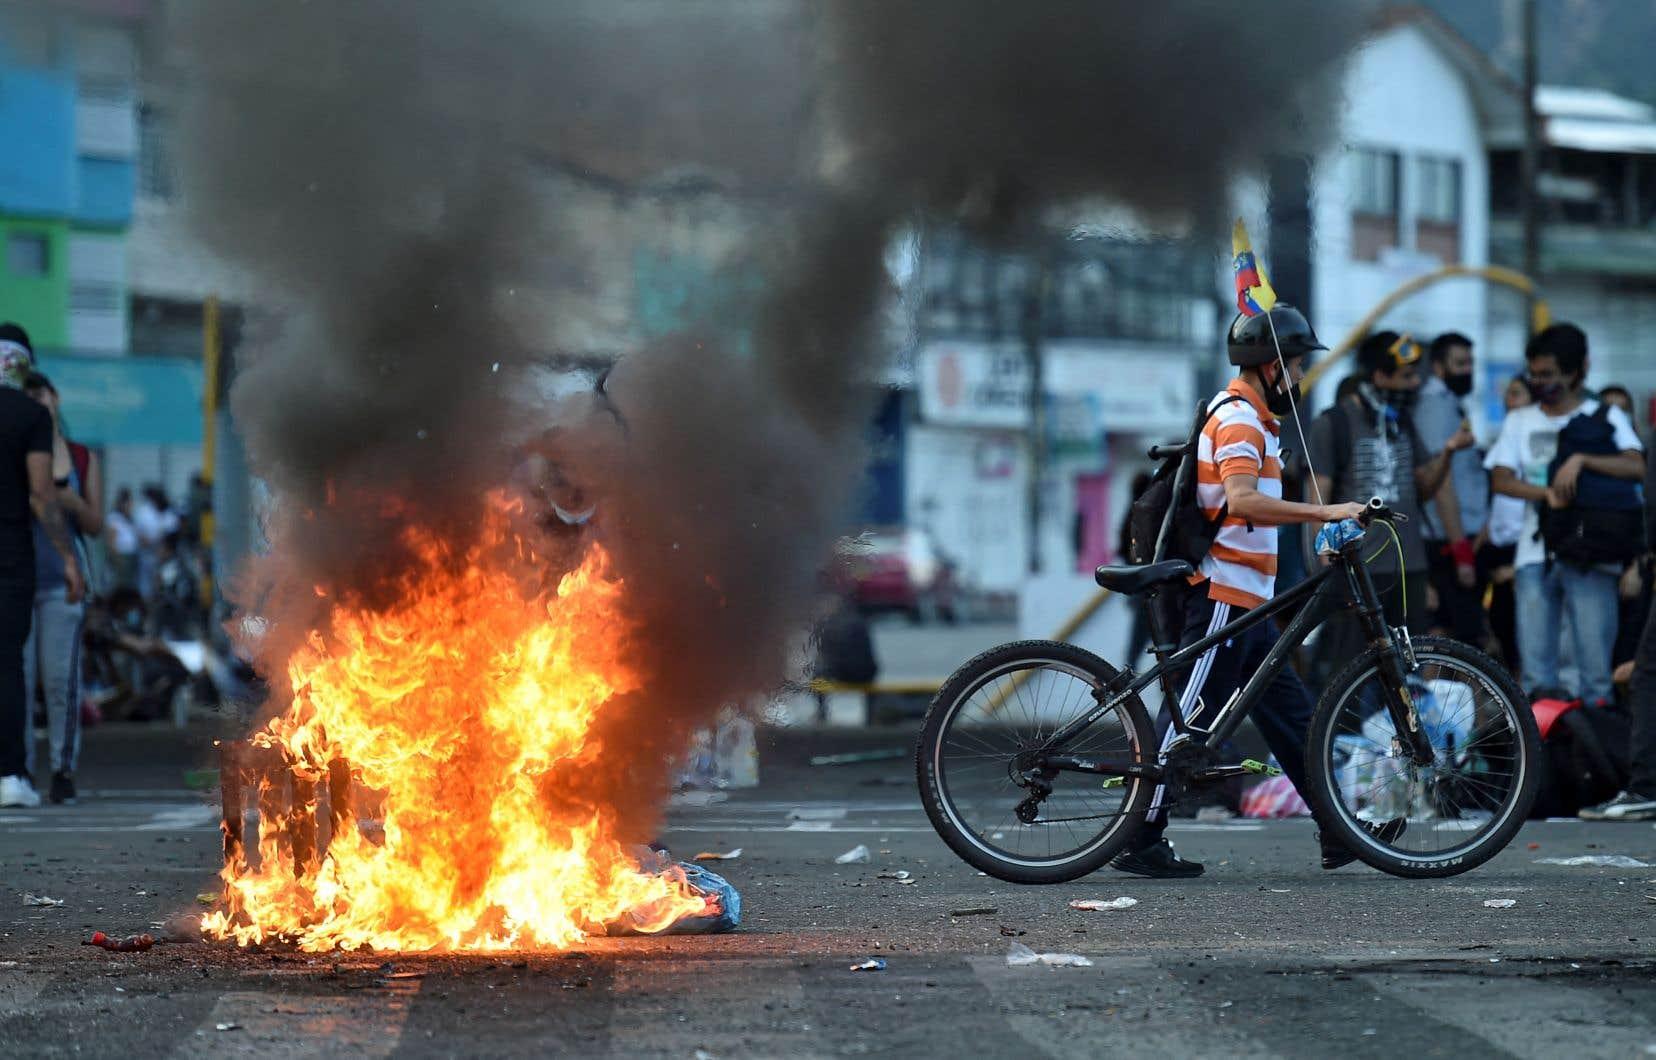 Les troubles y ont fait 32 morts, dont sept liés aux manifestations, selon la mairie.